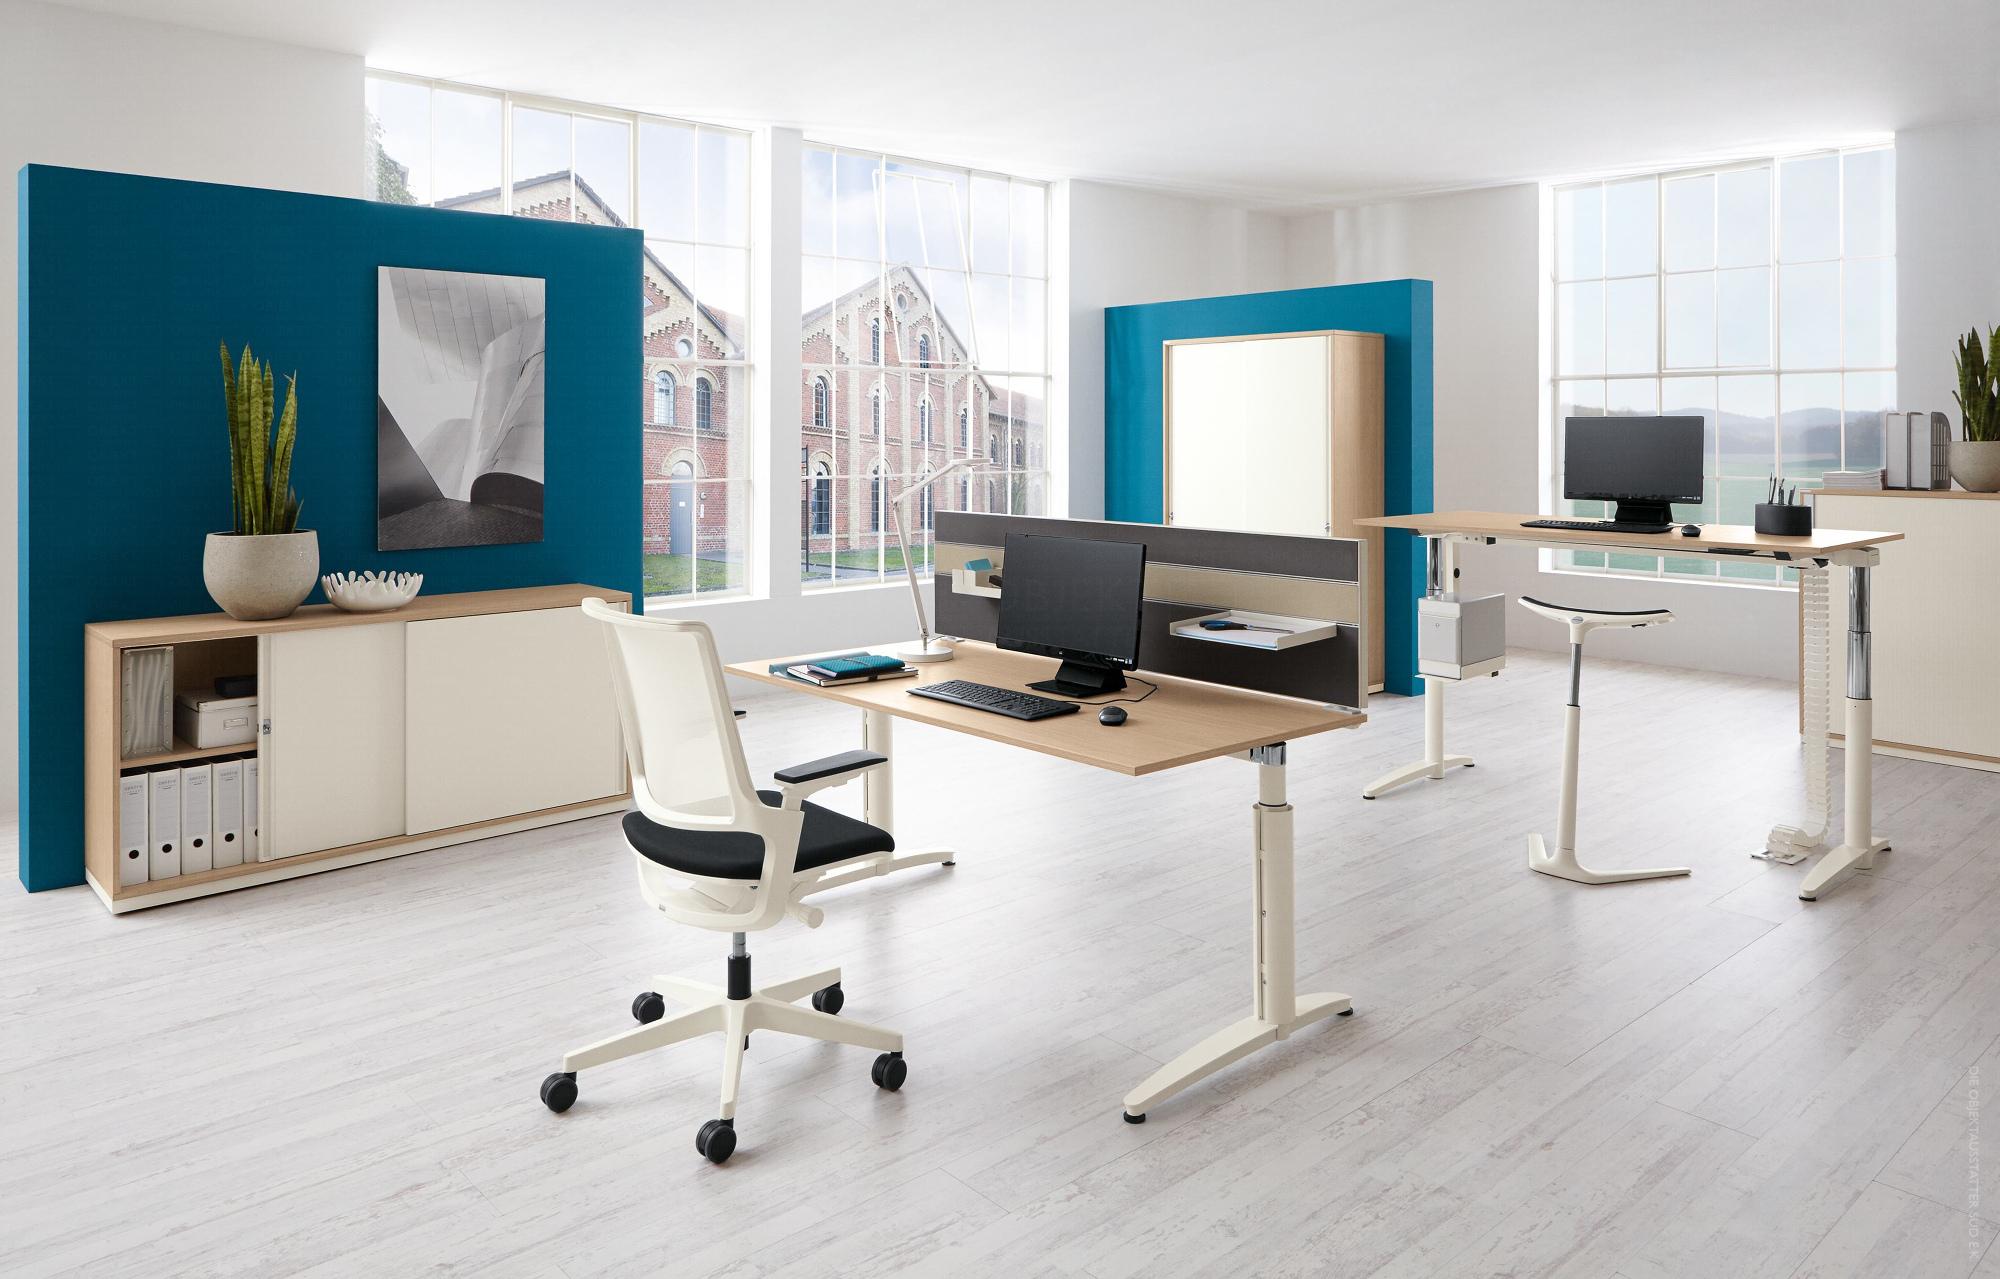 Offene Bürofläche mit elektrisch höhenverstellbaren Tischen, ergonomischen Bürostühlen und ergänzender Möblierung.